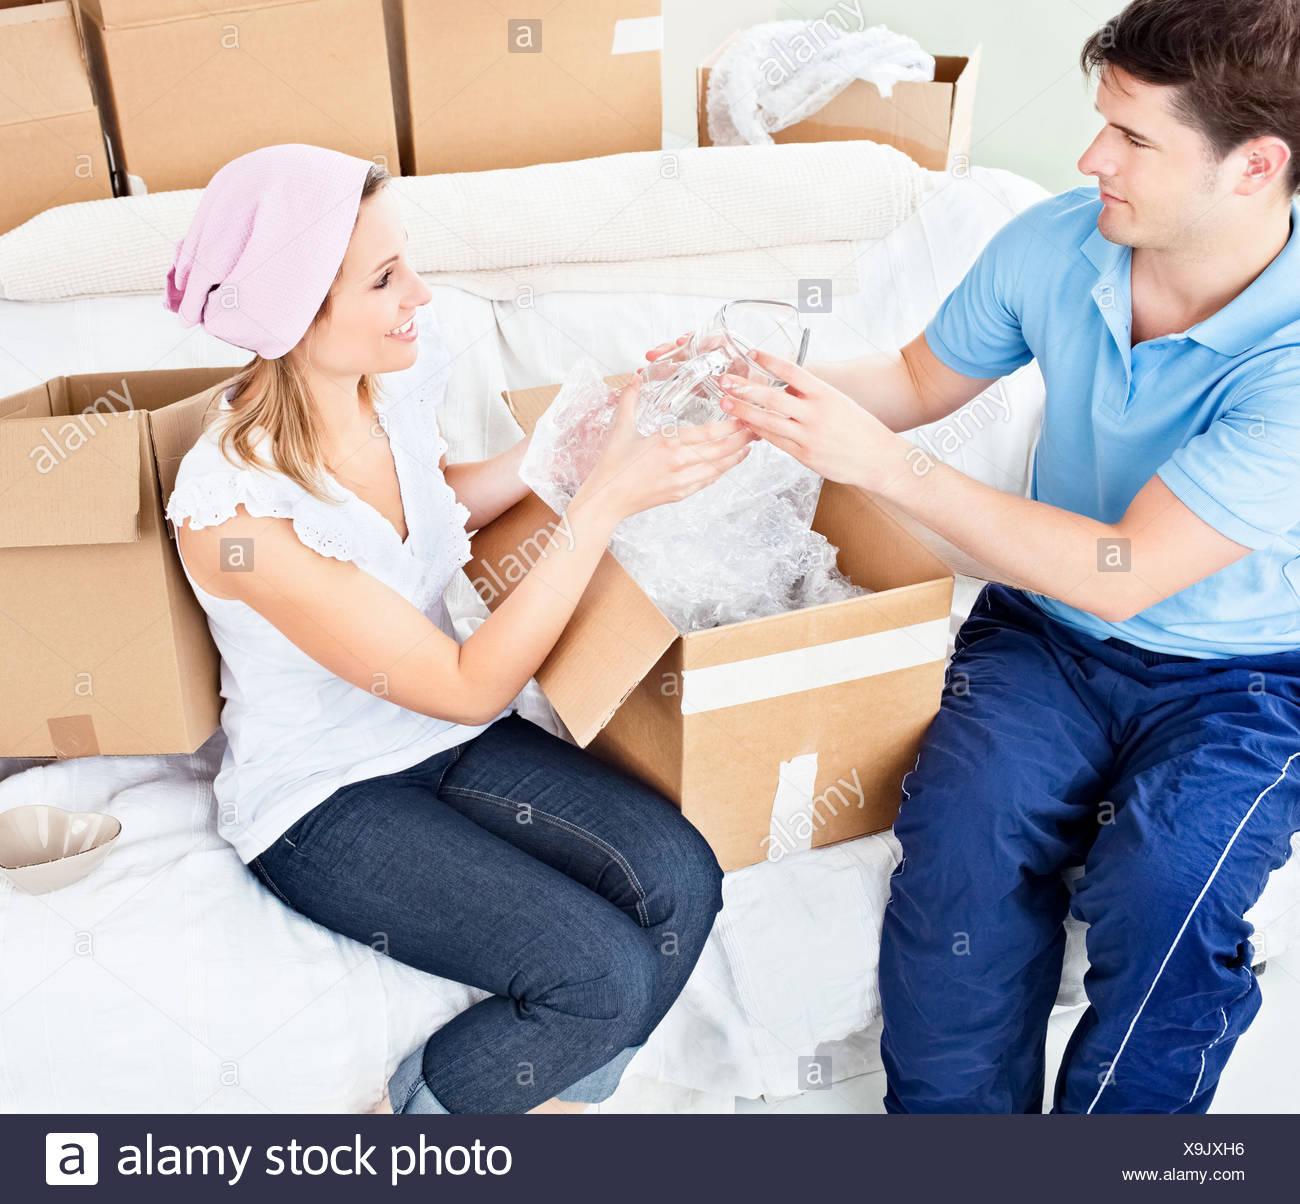 Zärtlich junges Paar Auspacken Boxen mit Brille Stockbild